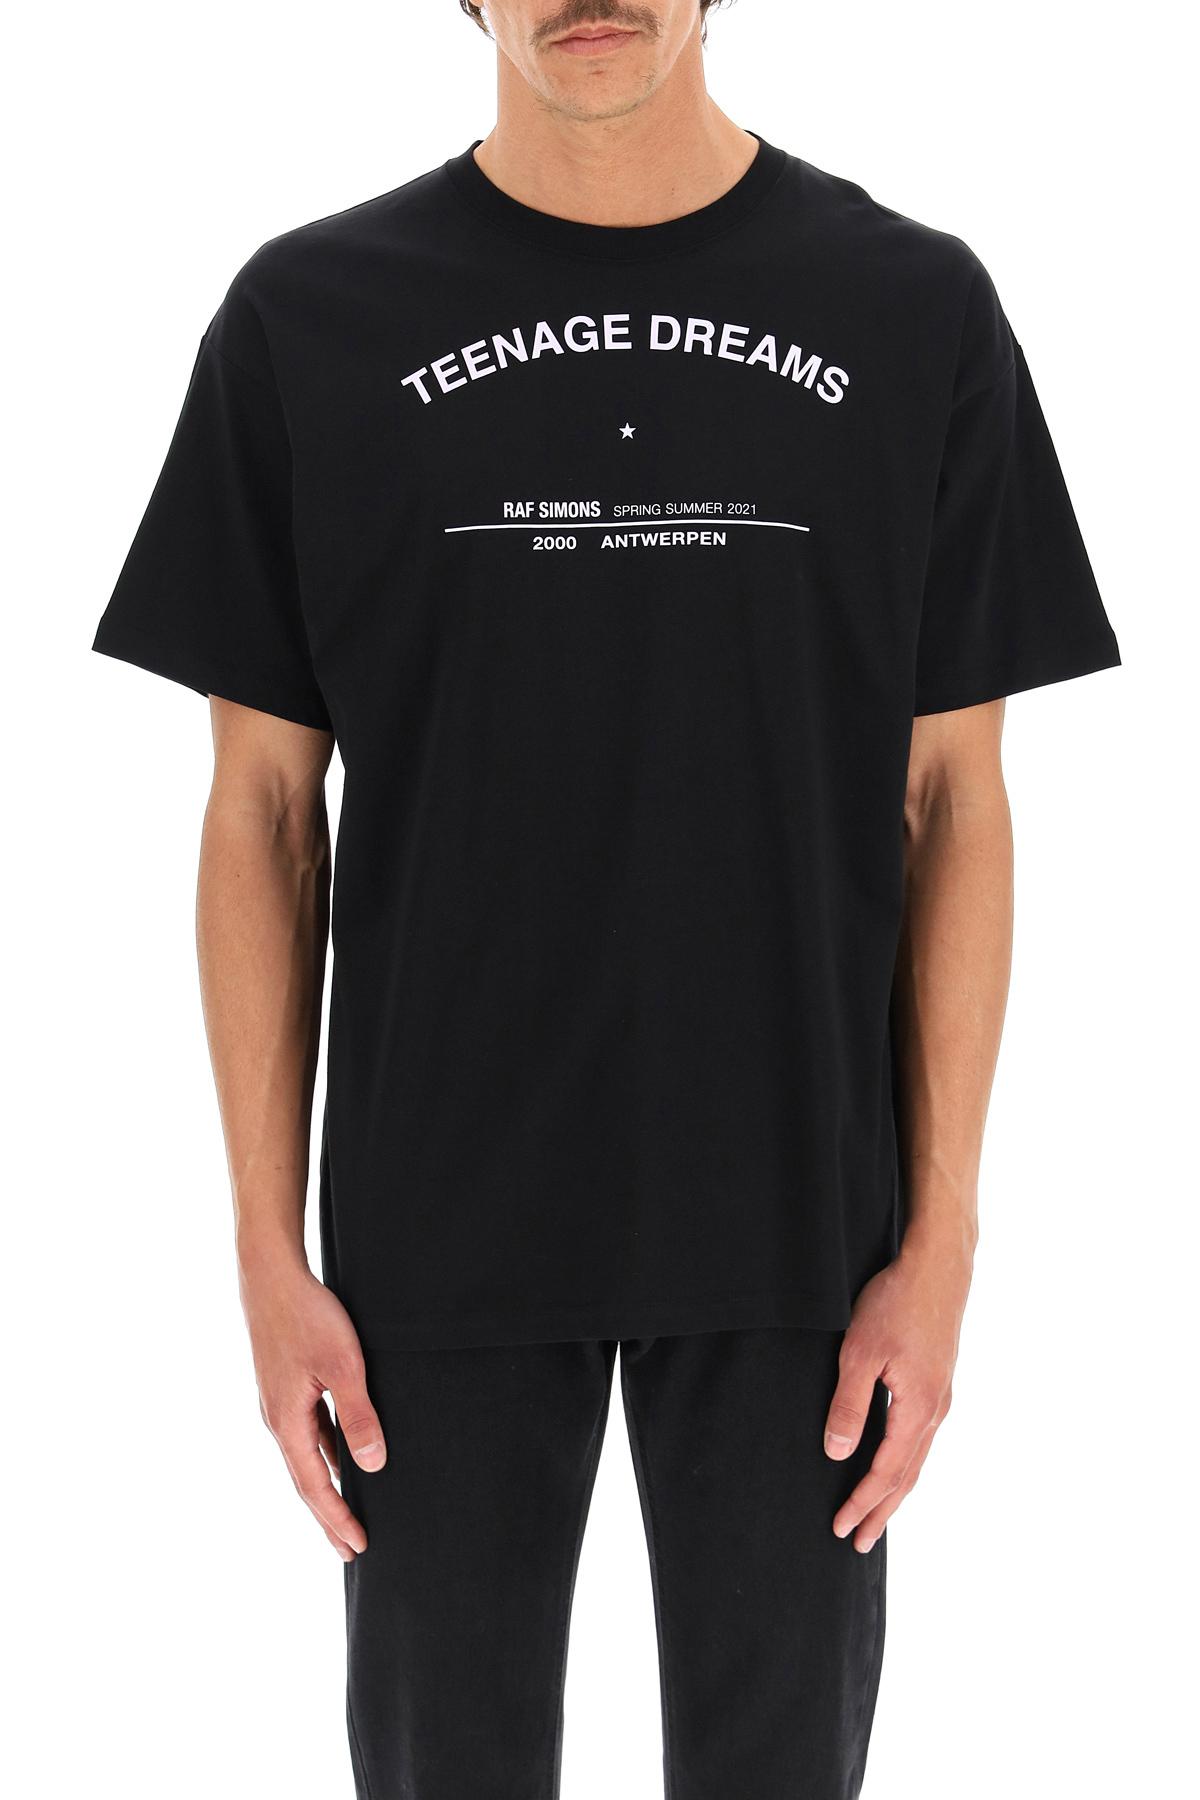 Raf simons t-shirt teenage dreams